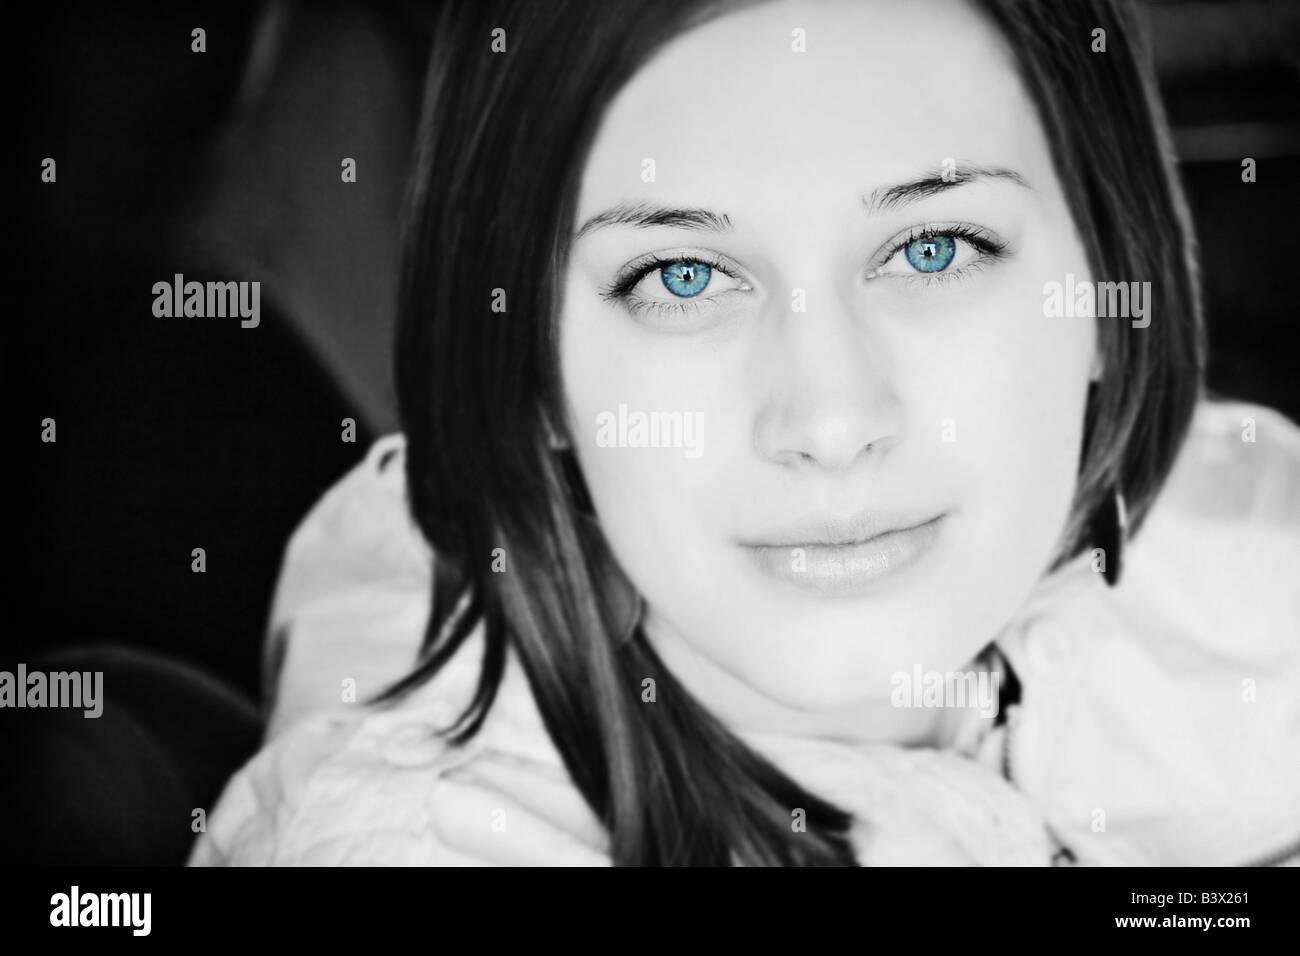 Blue eyed woman - Stock Image